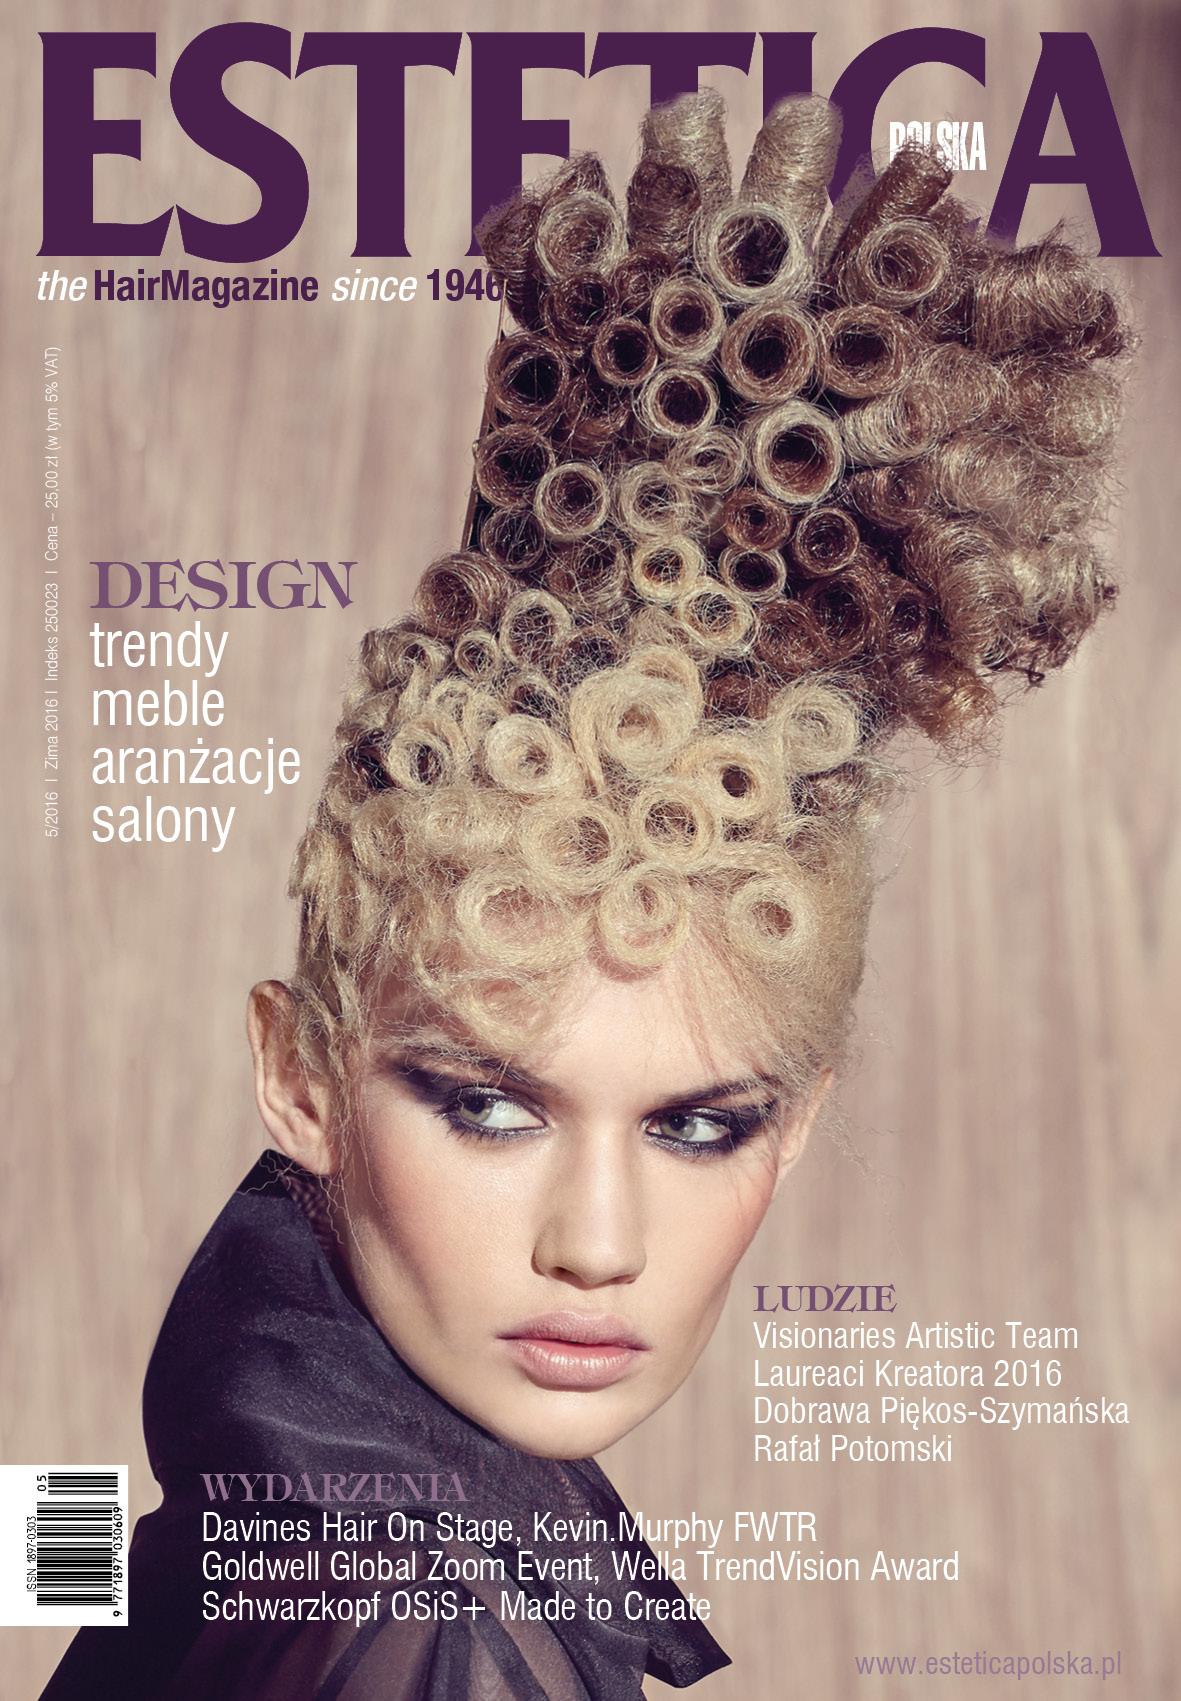 Estetica Polska 5/2016